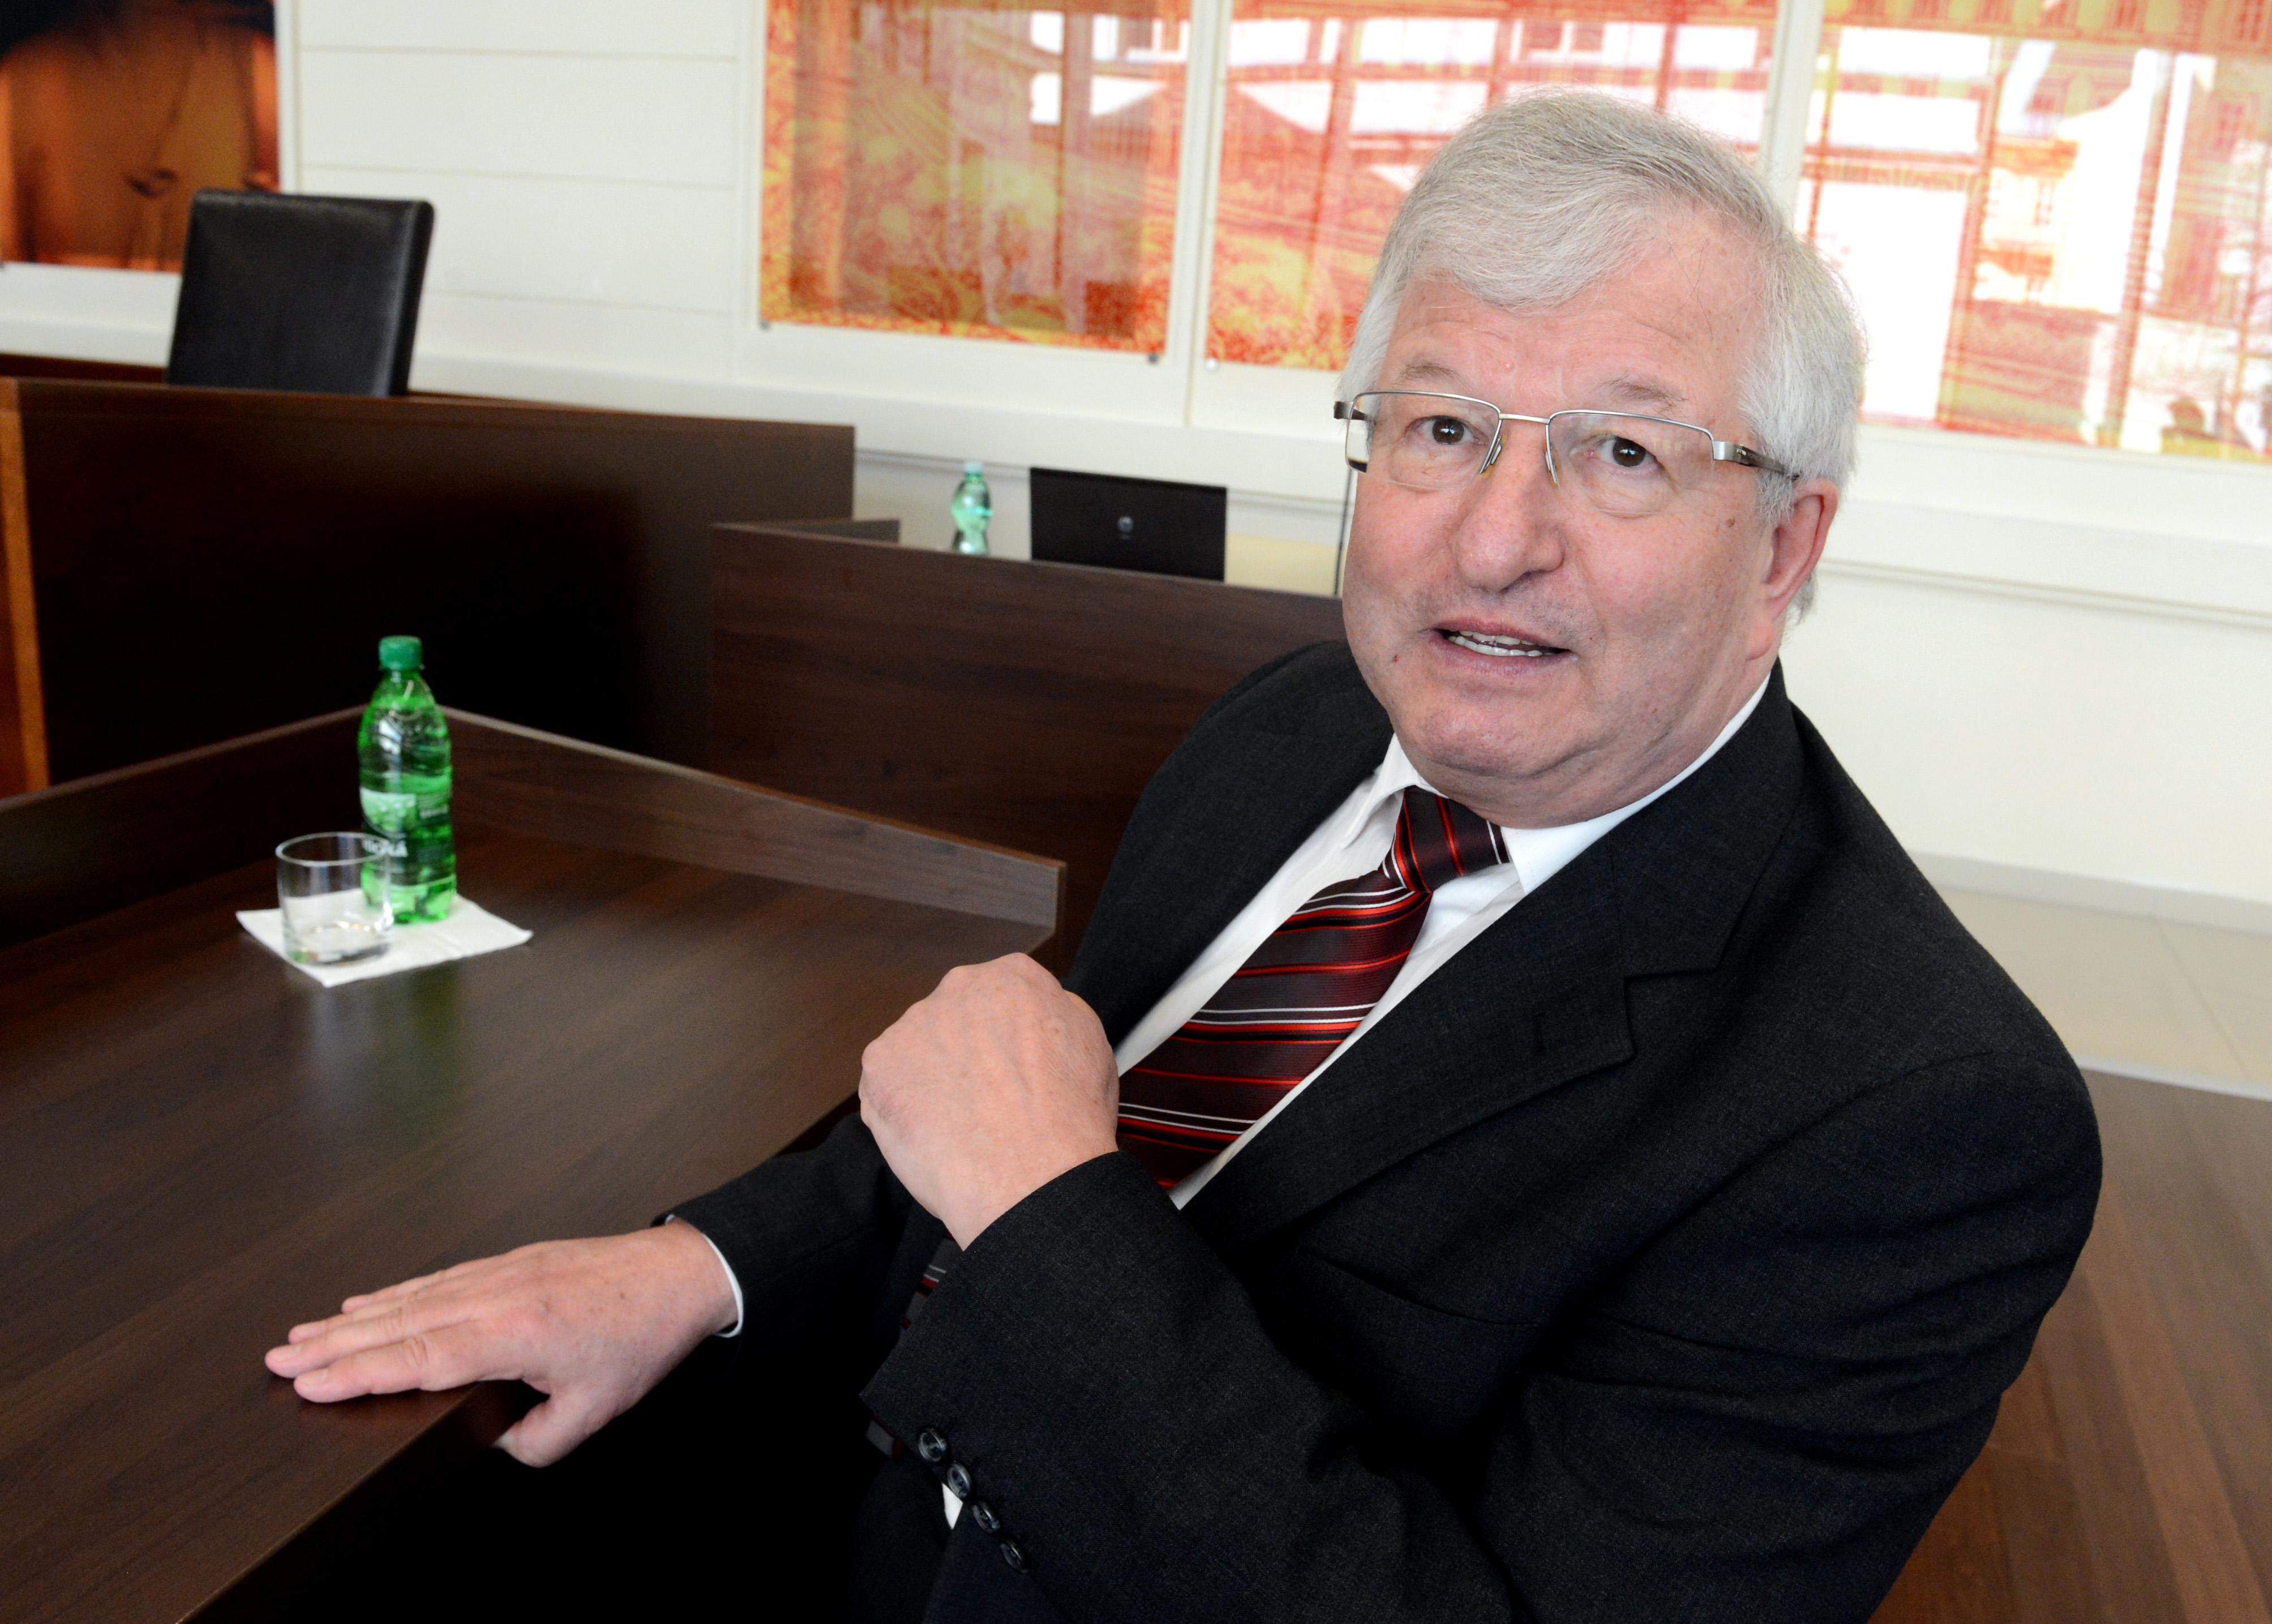 Prezidentov zástupca na súde a bývalý predseda Ústavného súdu Ján Mazák.foto - Tasr